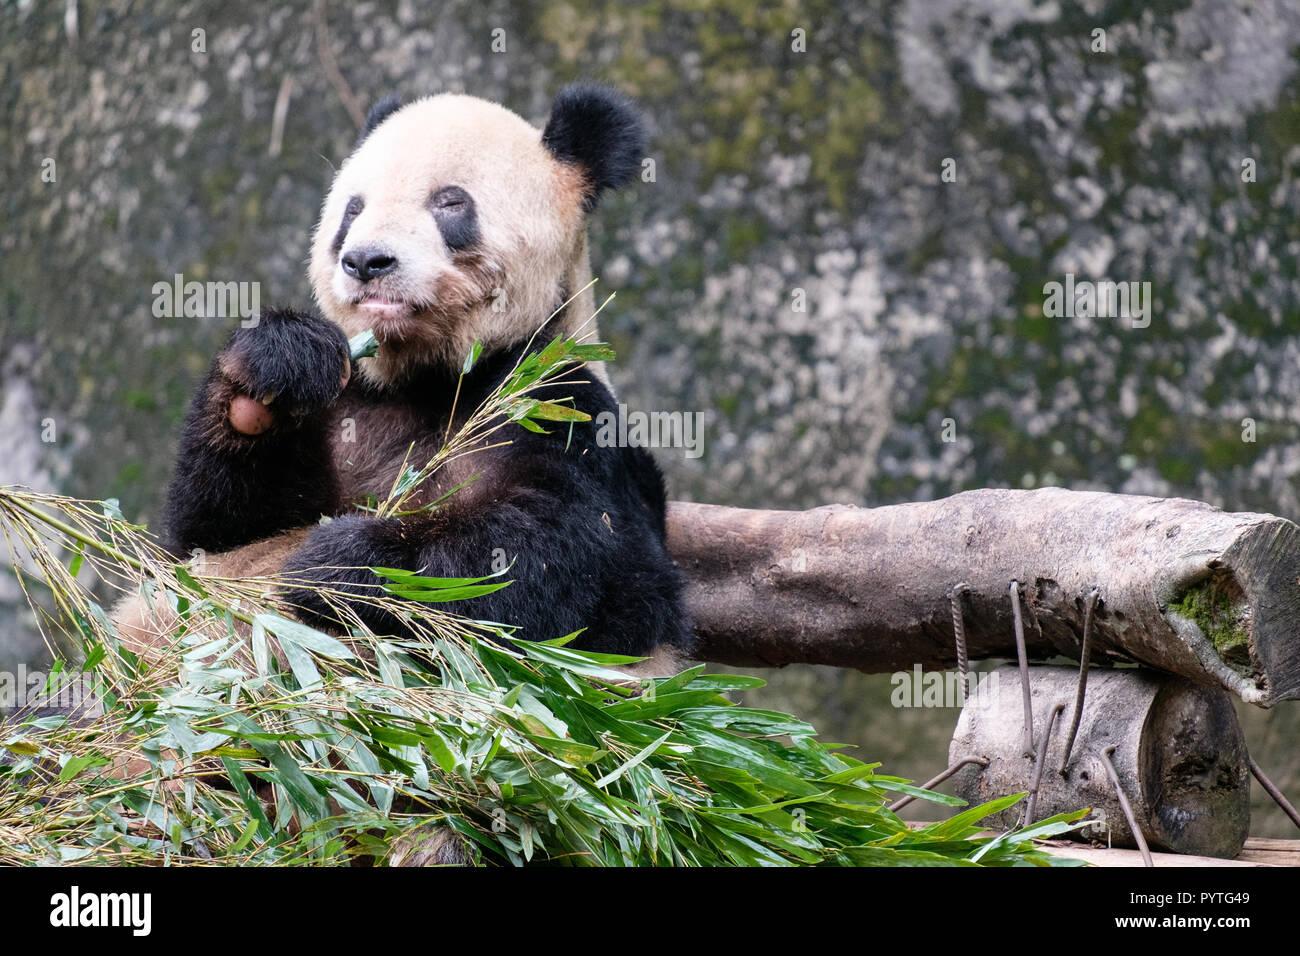 China Panda Barchen Baby Essen Bambus In Zoo Natur Rund Um Mit